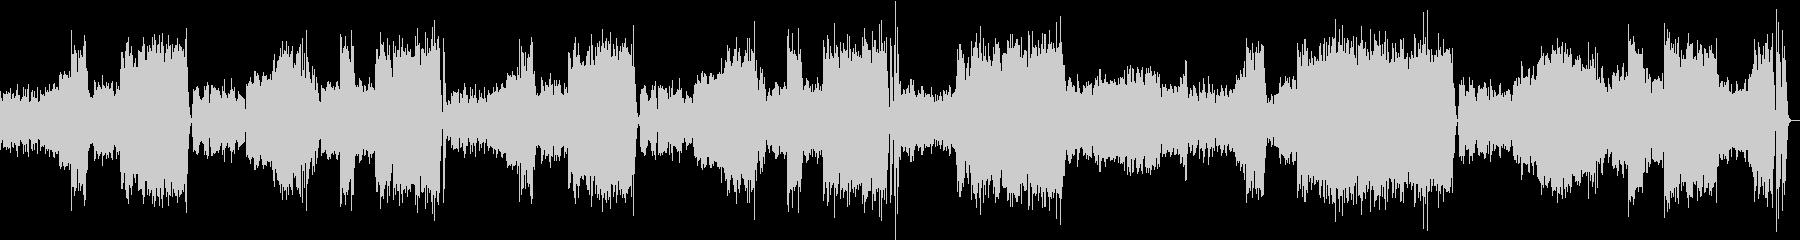 交響曲第40番ト短調 K.550よりの未再生の波形